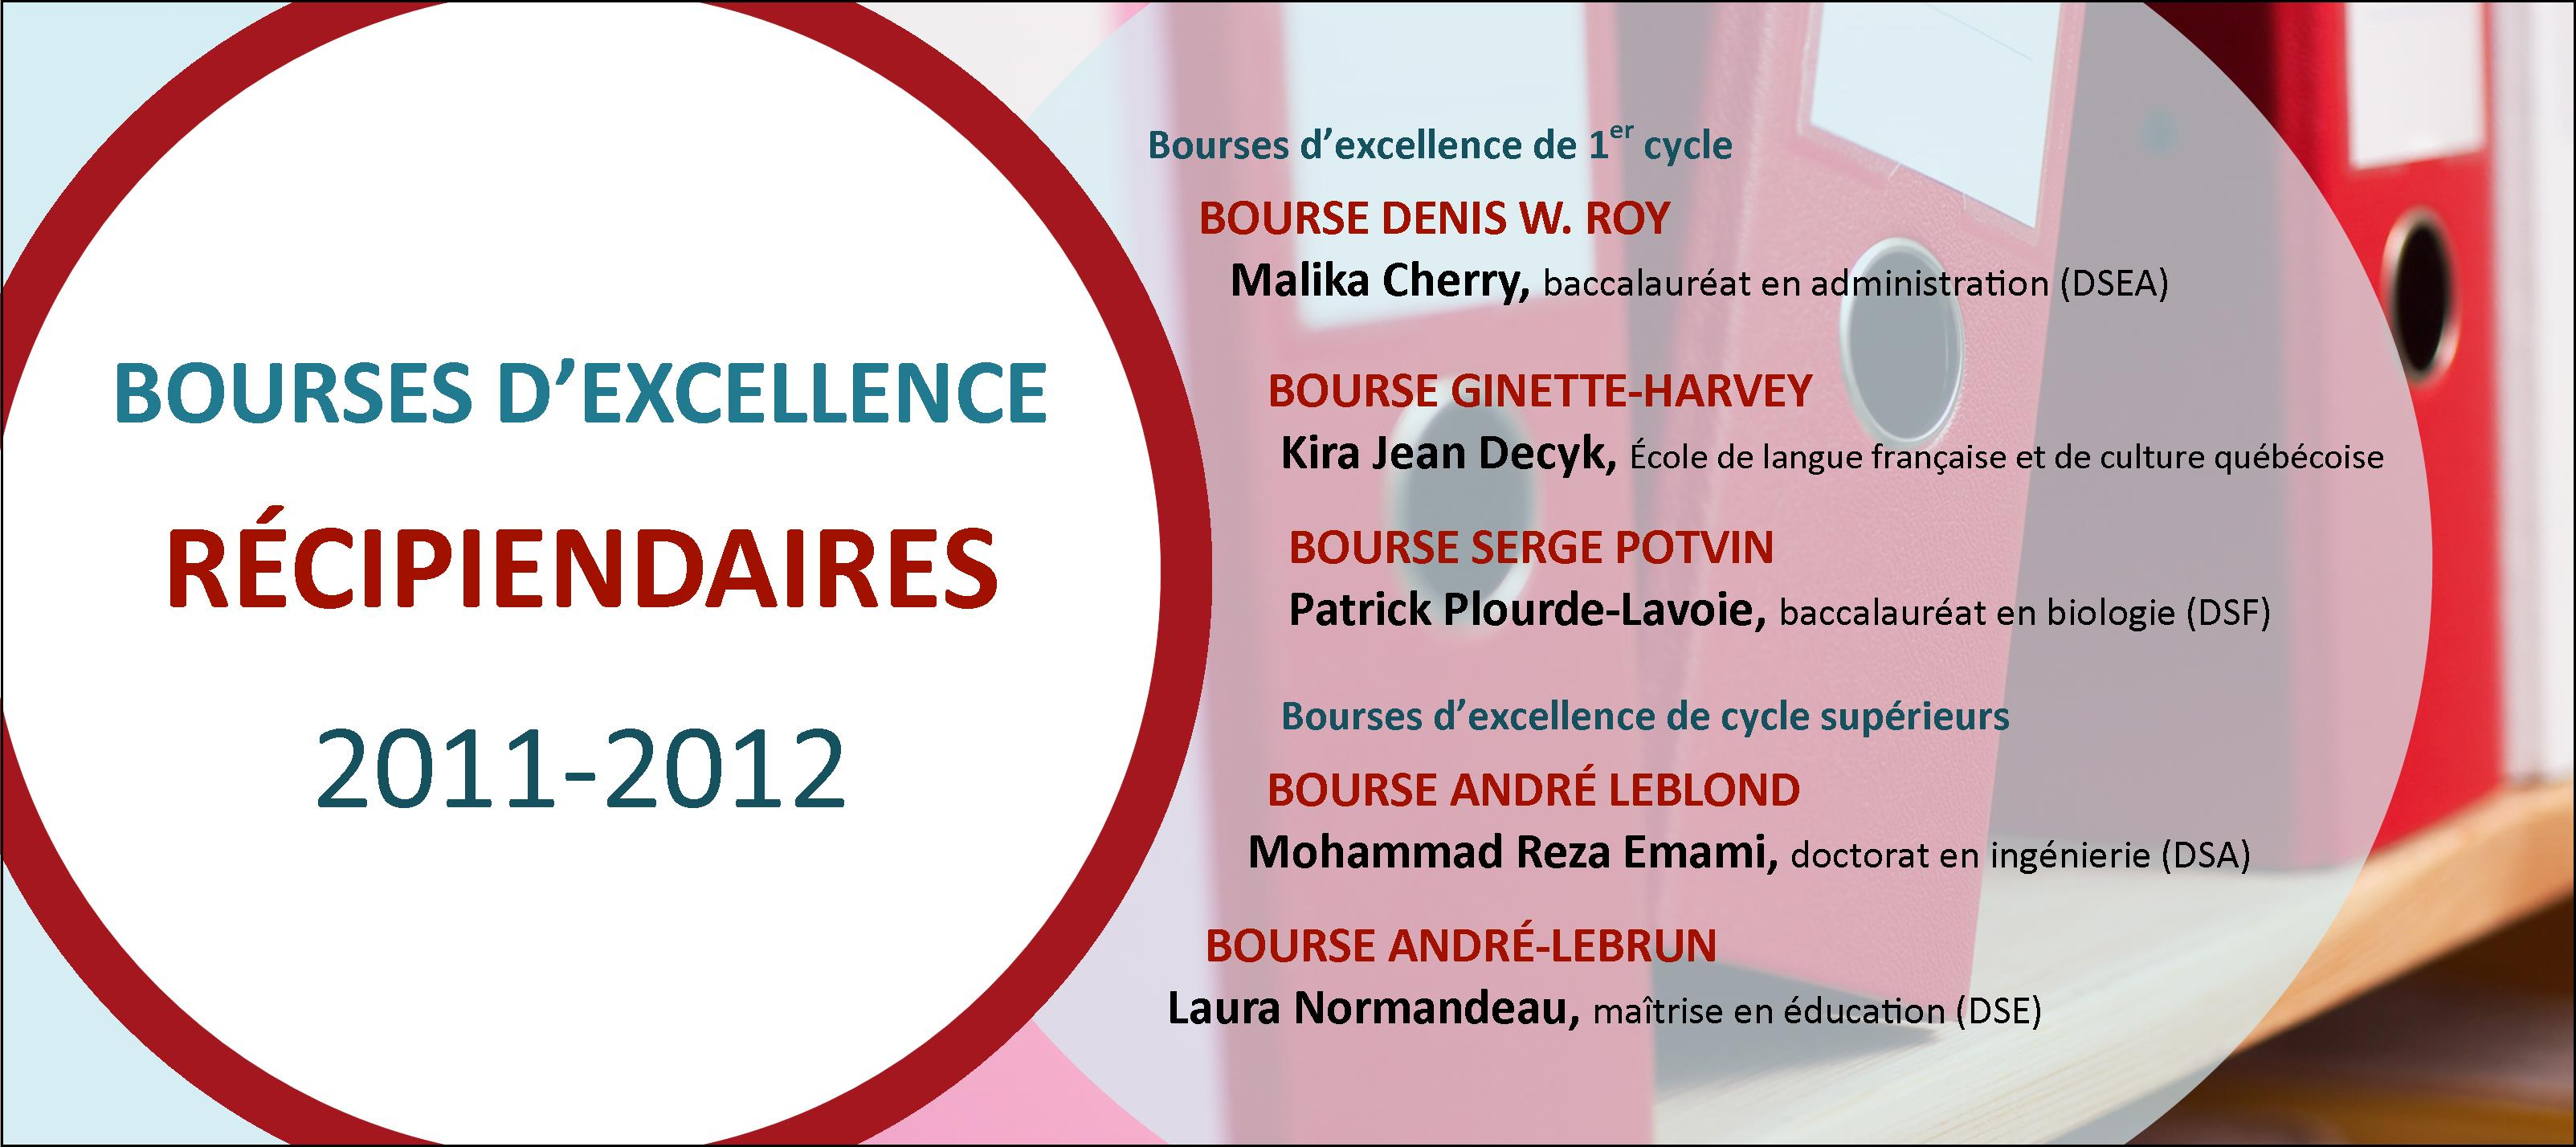 Récipiendaires 2011-2012